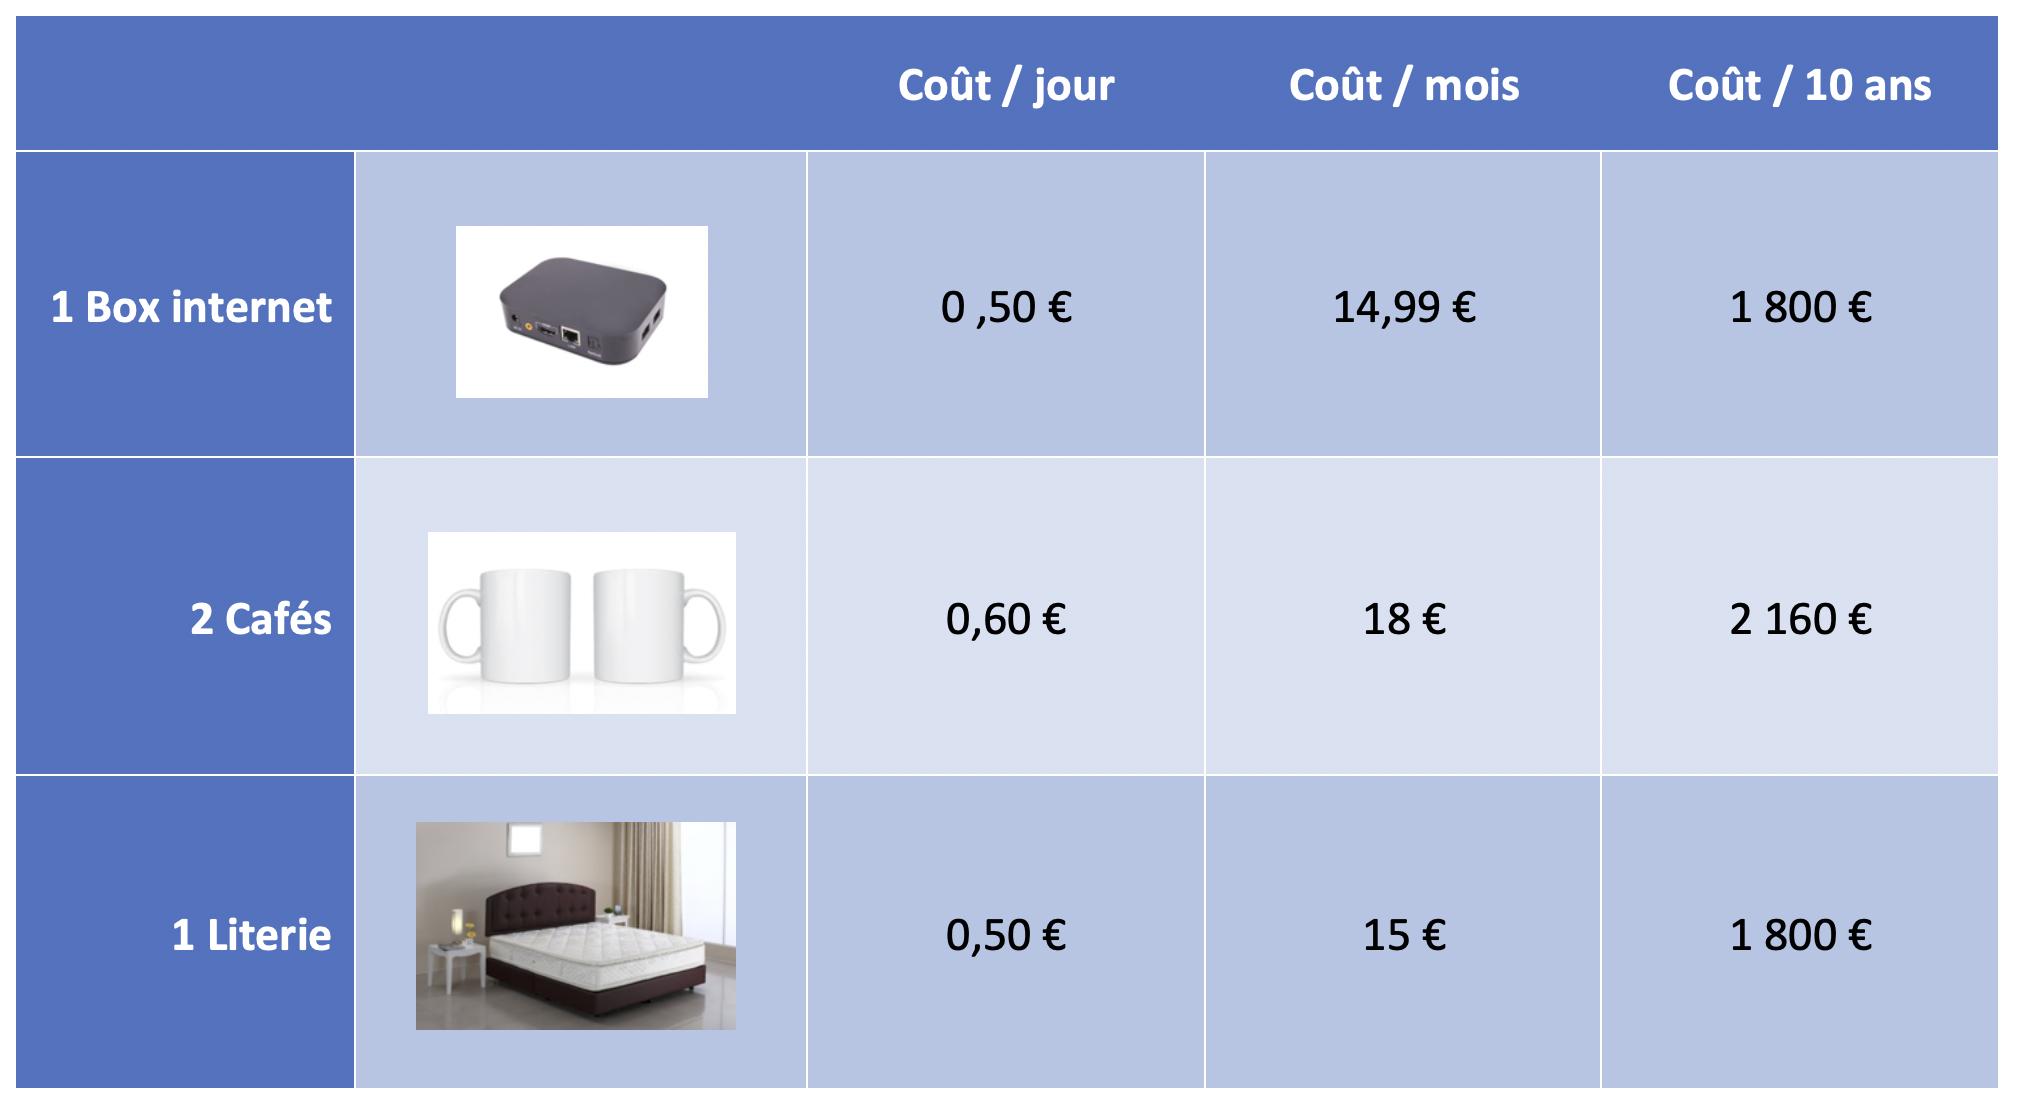 Différence des coûts entre différents appareils